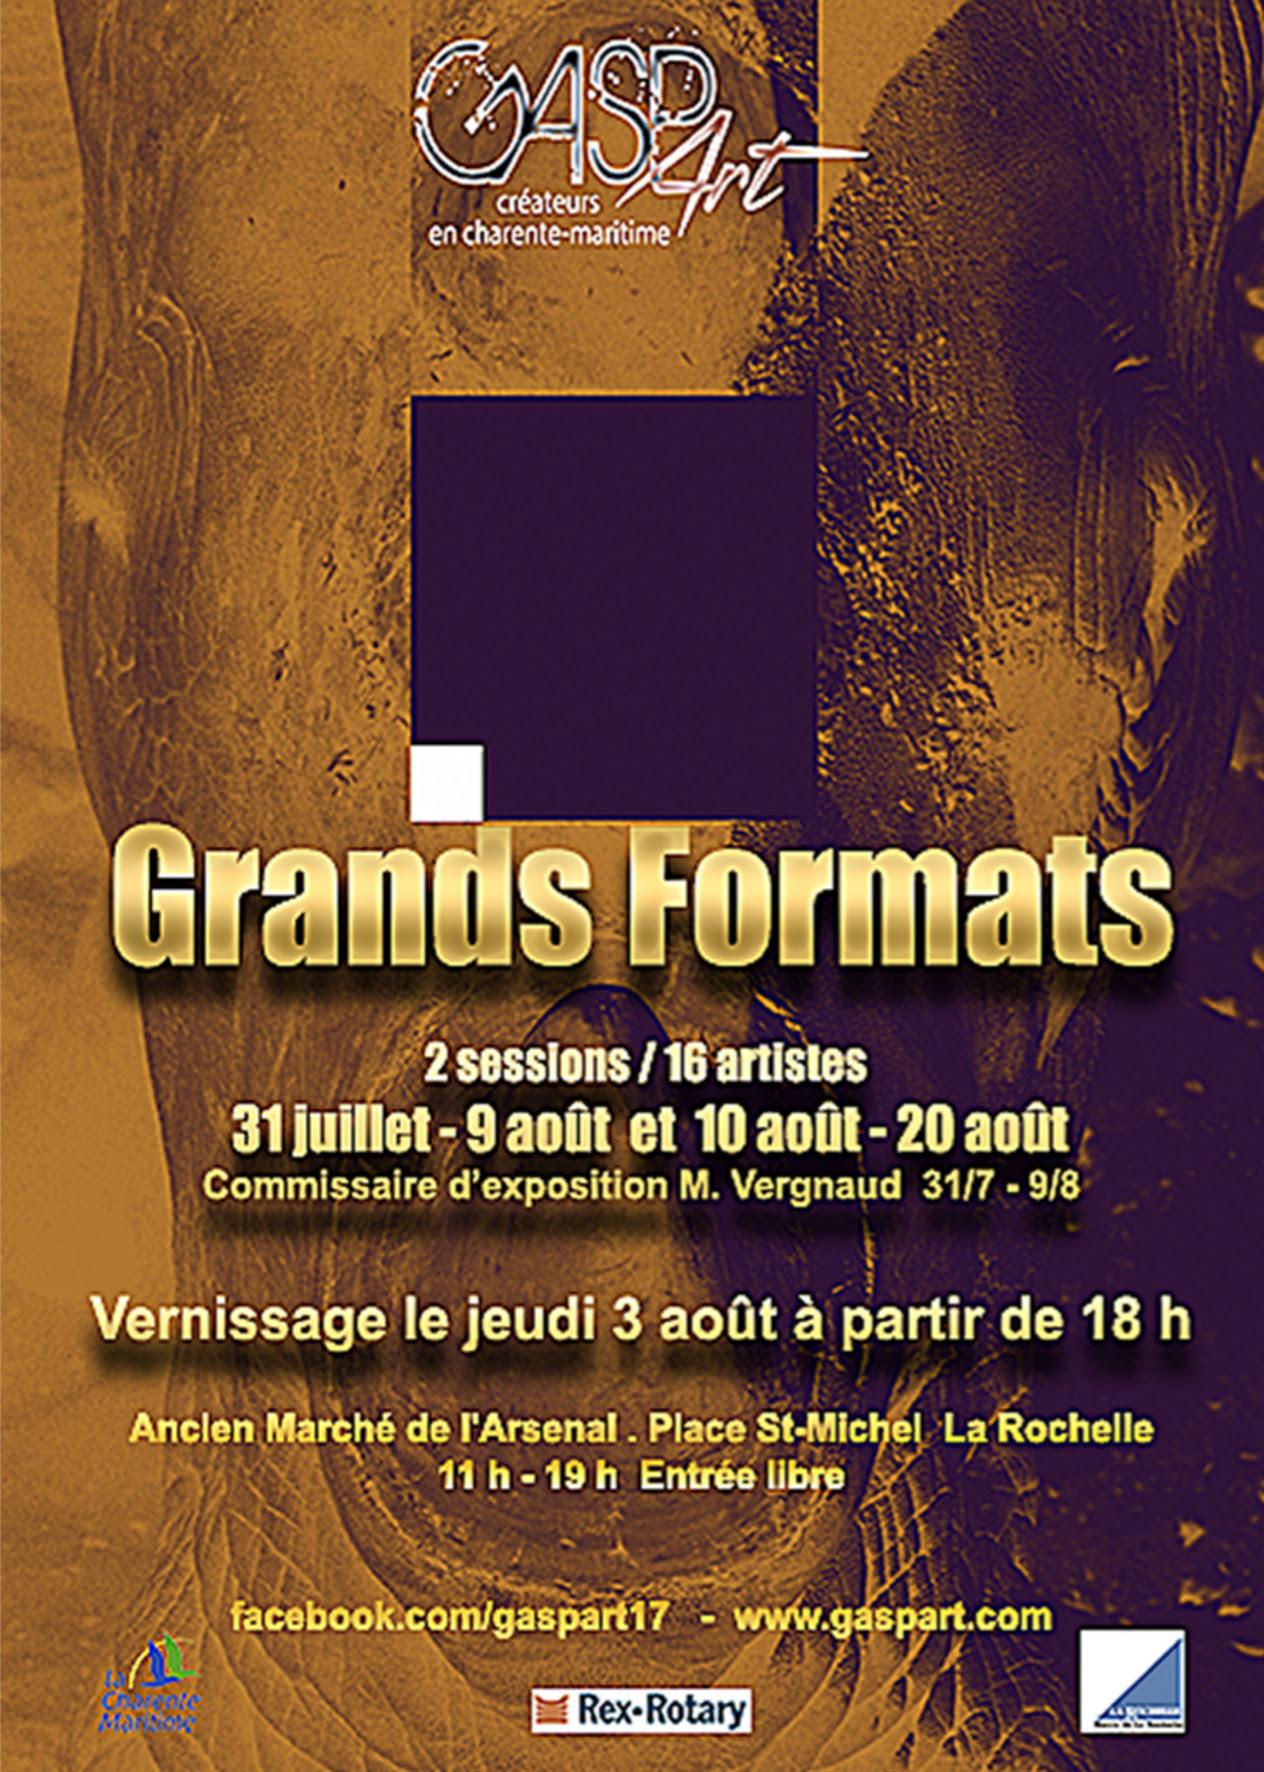 Exposition artistique Grands Formats 2017 La Rochelle